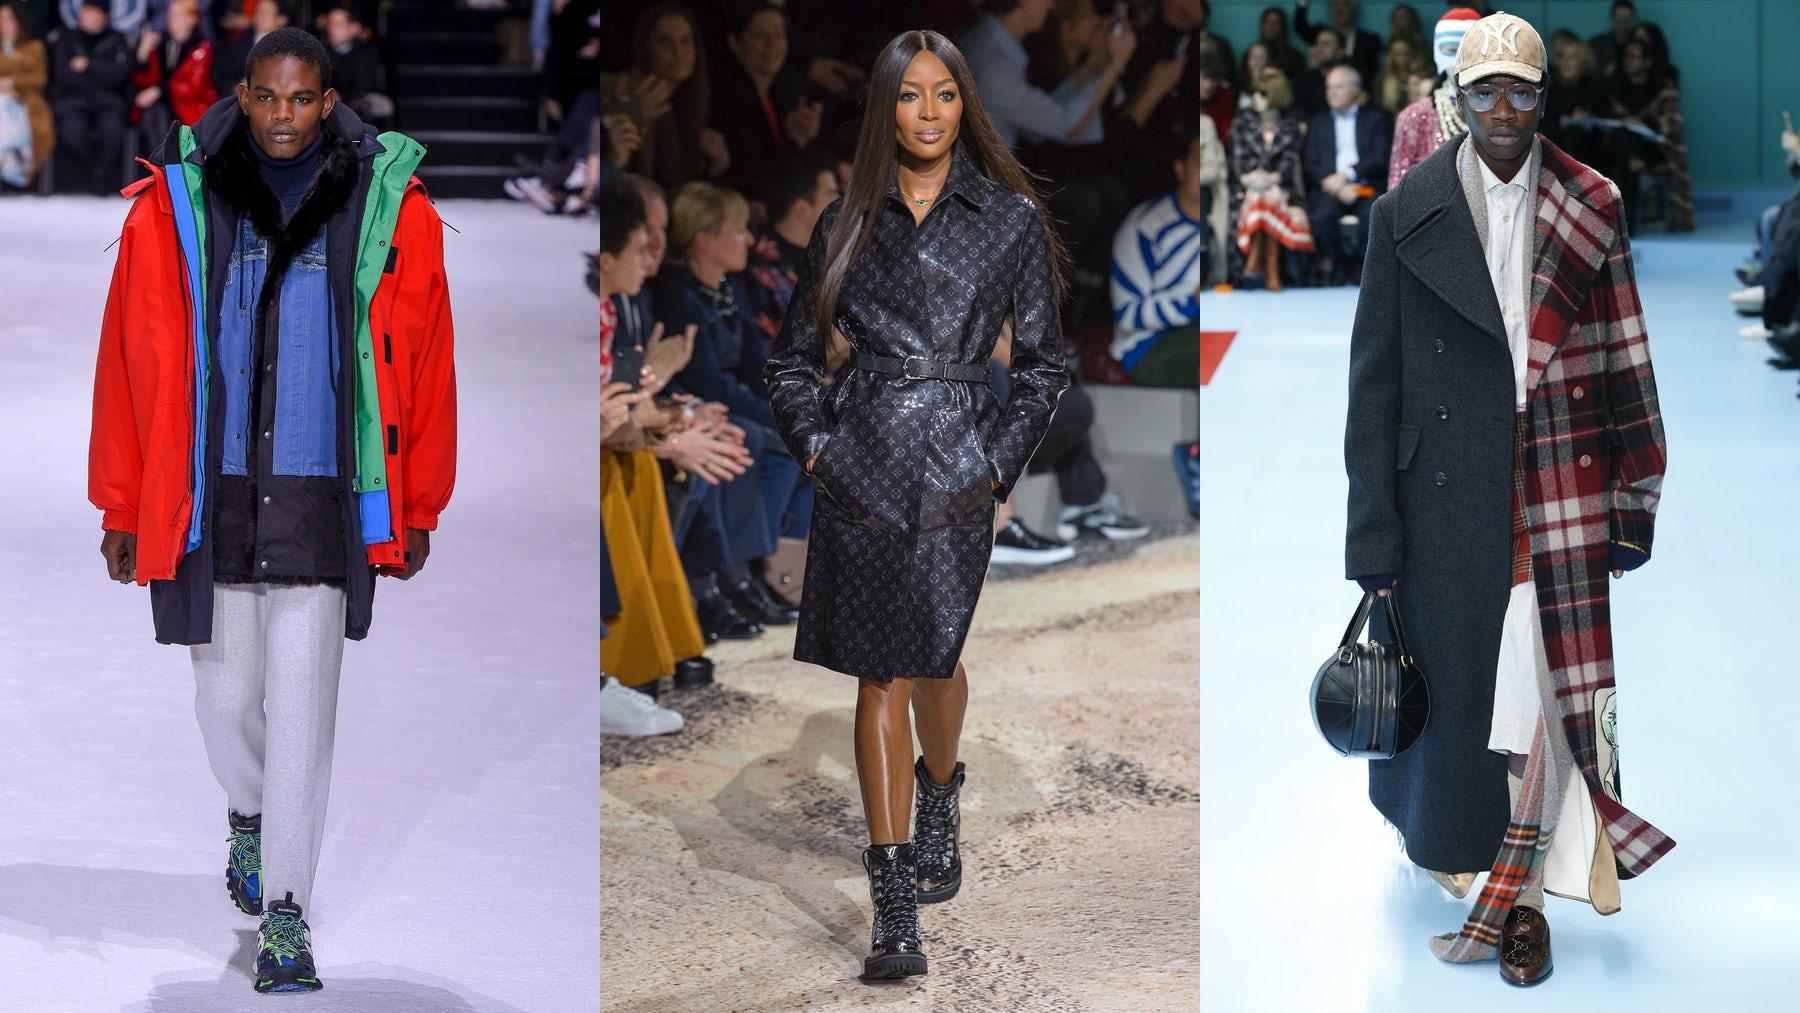 (L-R) Balenciaga, Louis Vuitton and Gucci | Source: InDigital